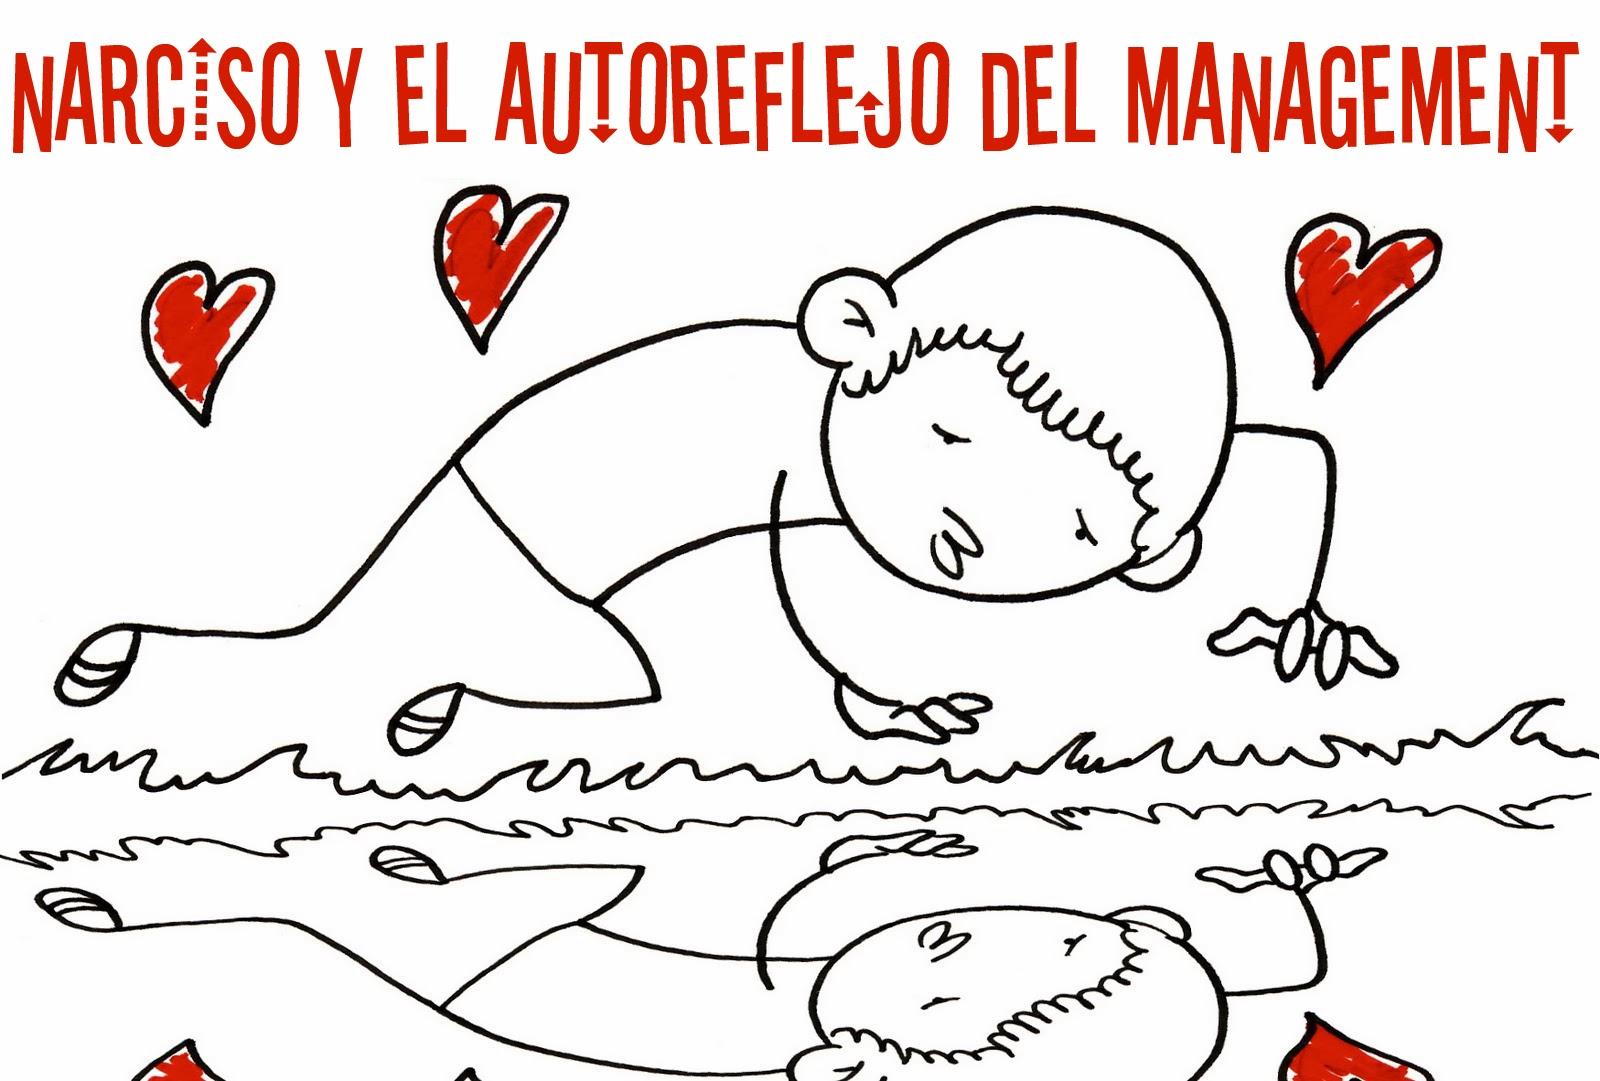 Recursos Humanos y Cultura Colaborativa by @larreadiego: NARCISO Y ...